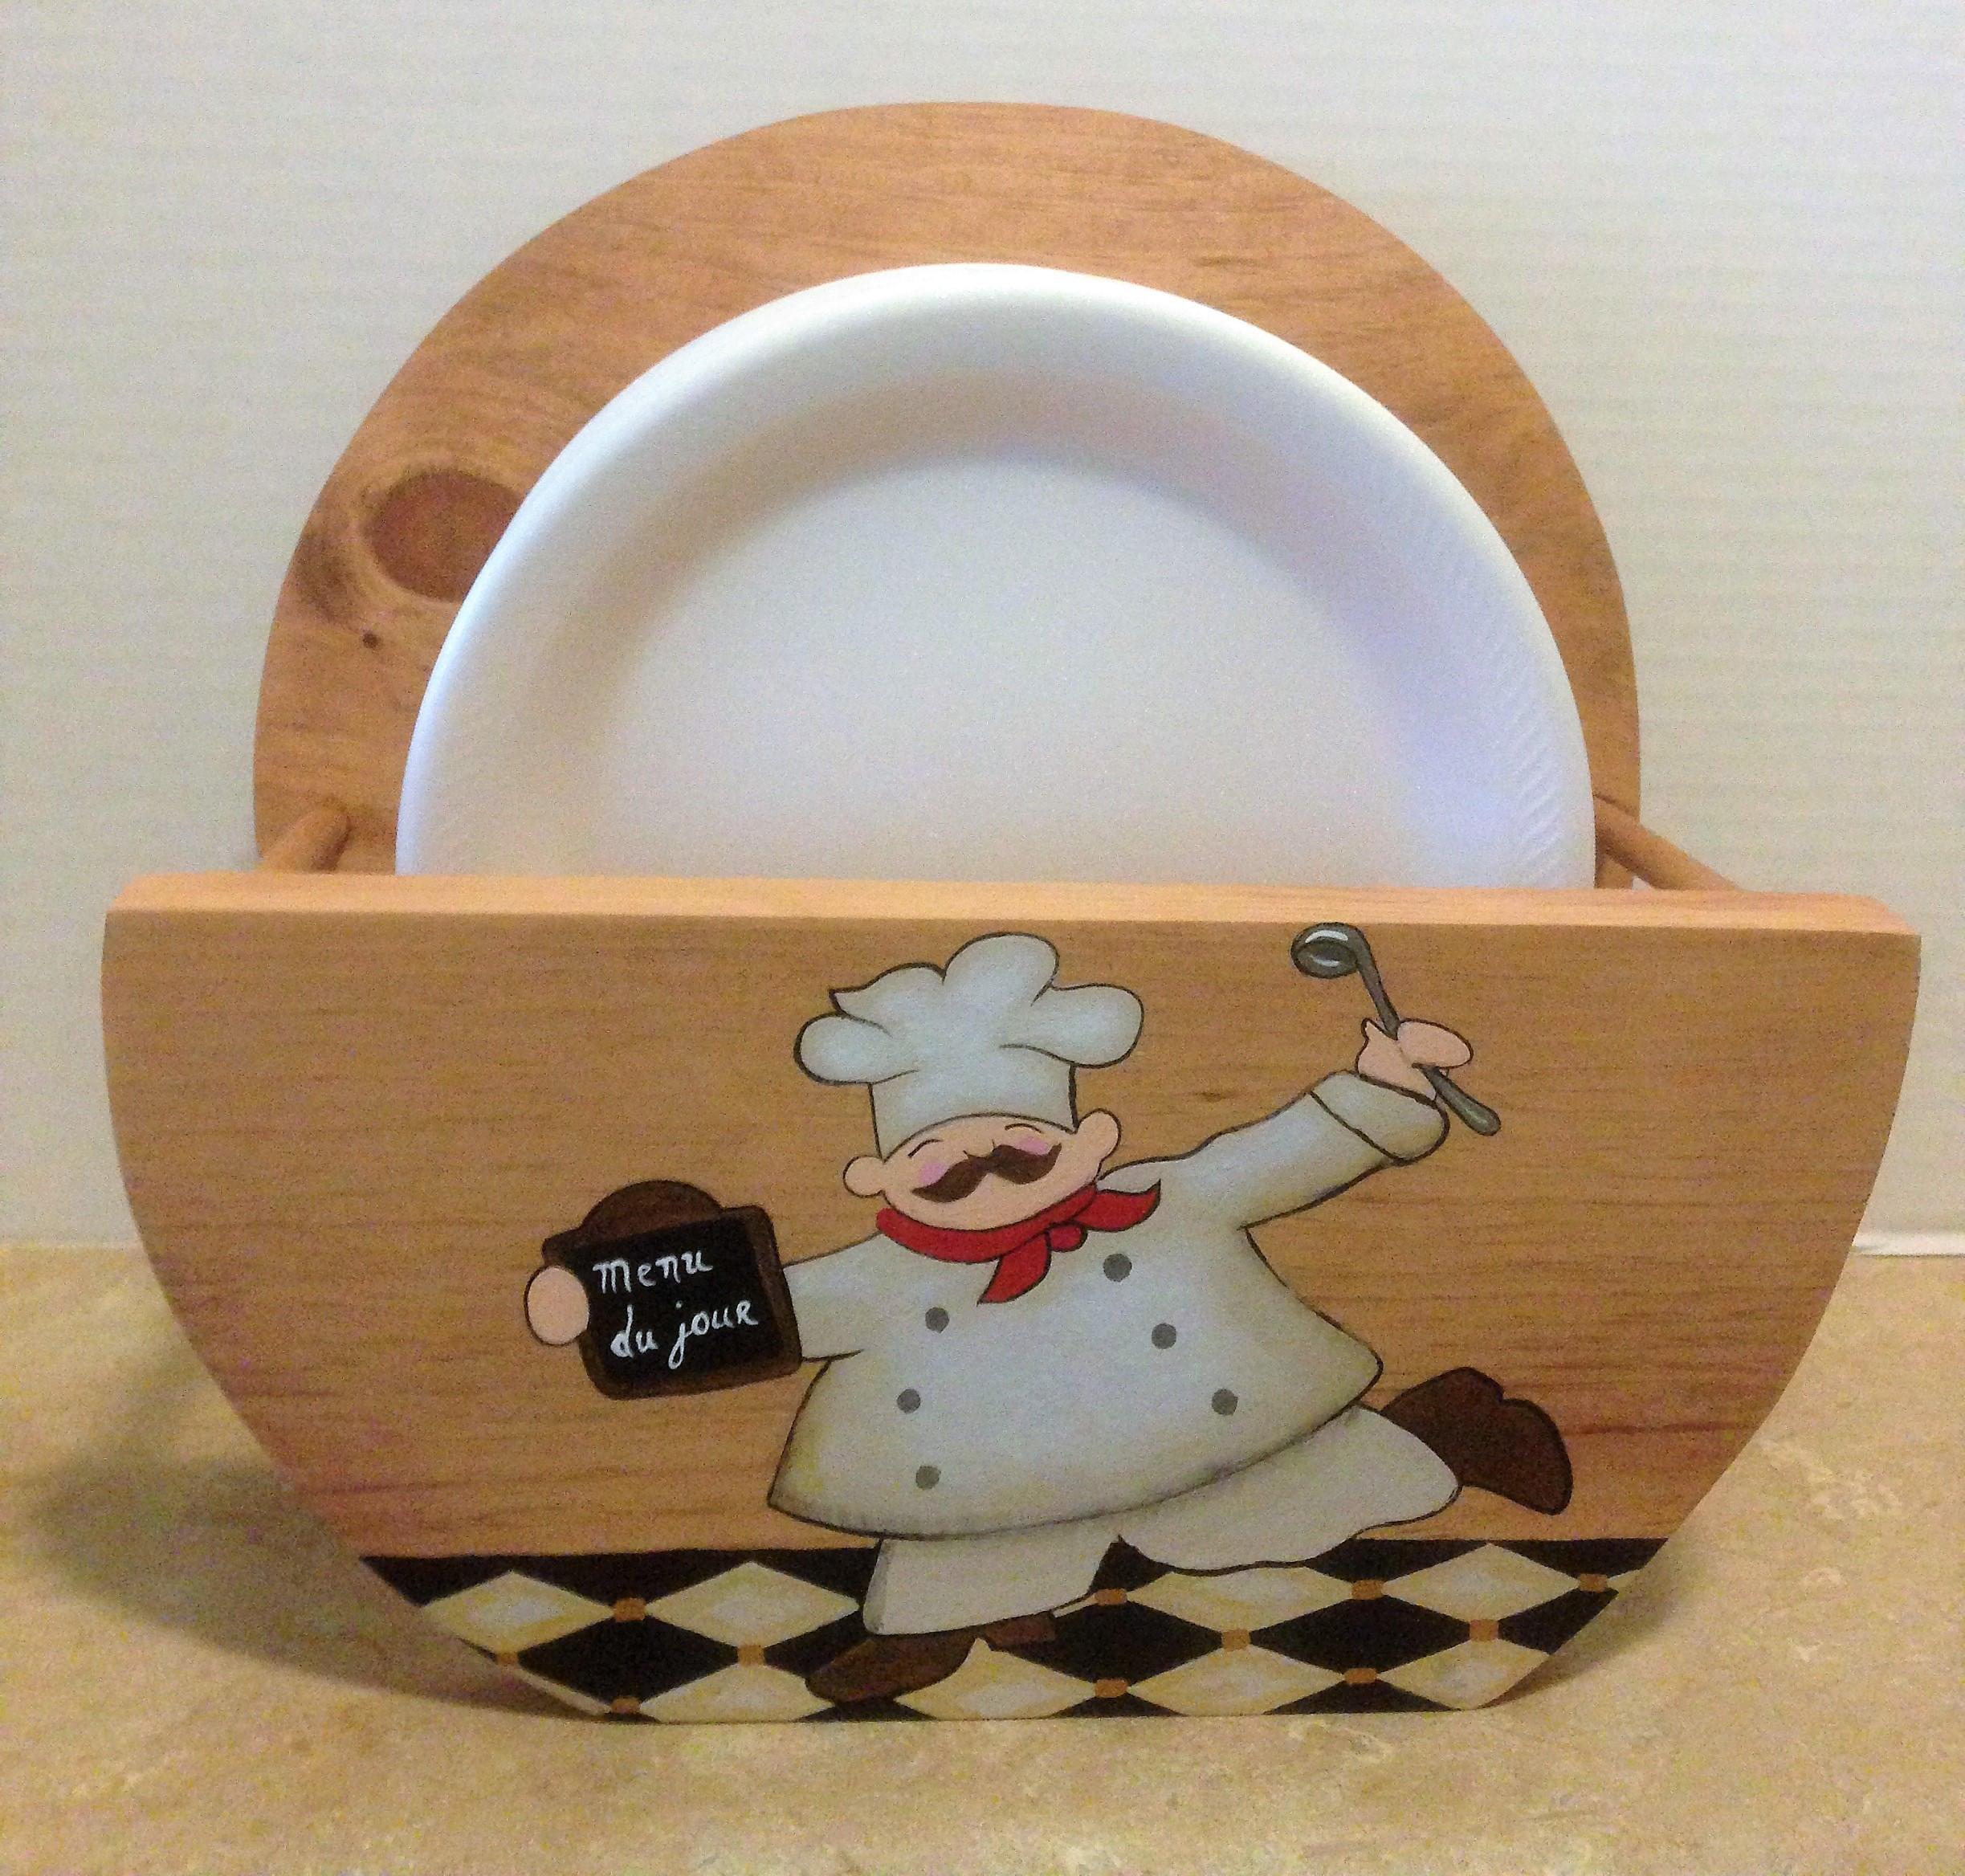 Paper Plate Holder Chef Decor Chef Kitchen Decor Holder for Plates Wooden Plate Holder Chef Theme Chef Kitchen Theme Plate Storage & Paper Plate Holder Chef Decor Chef Kitchen Decor Holder for ...